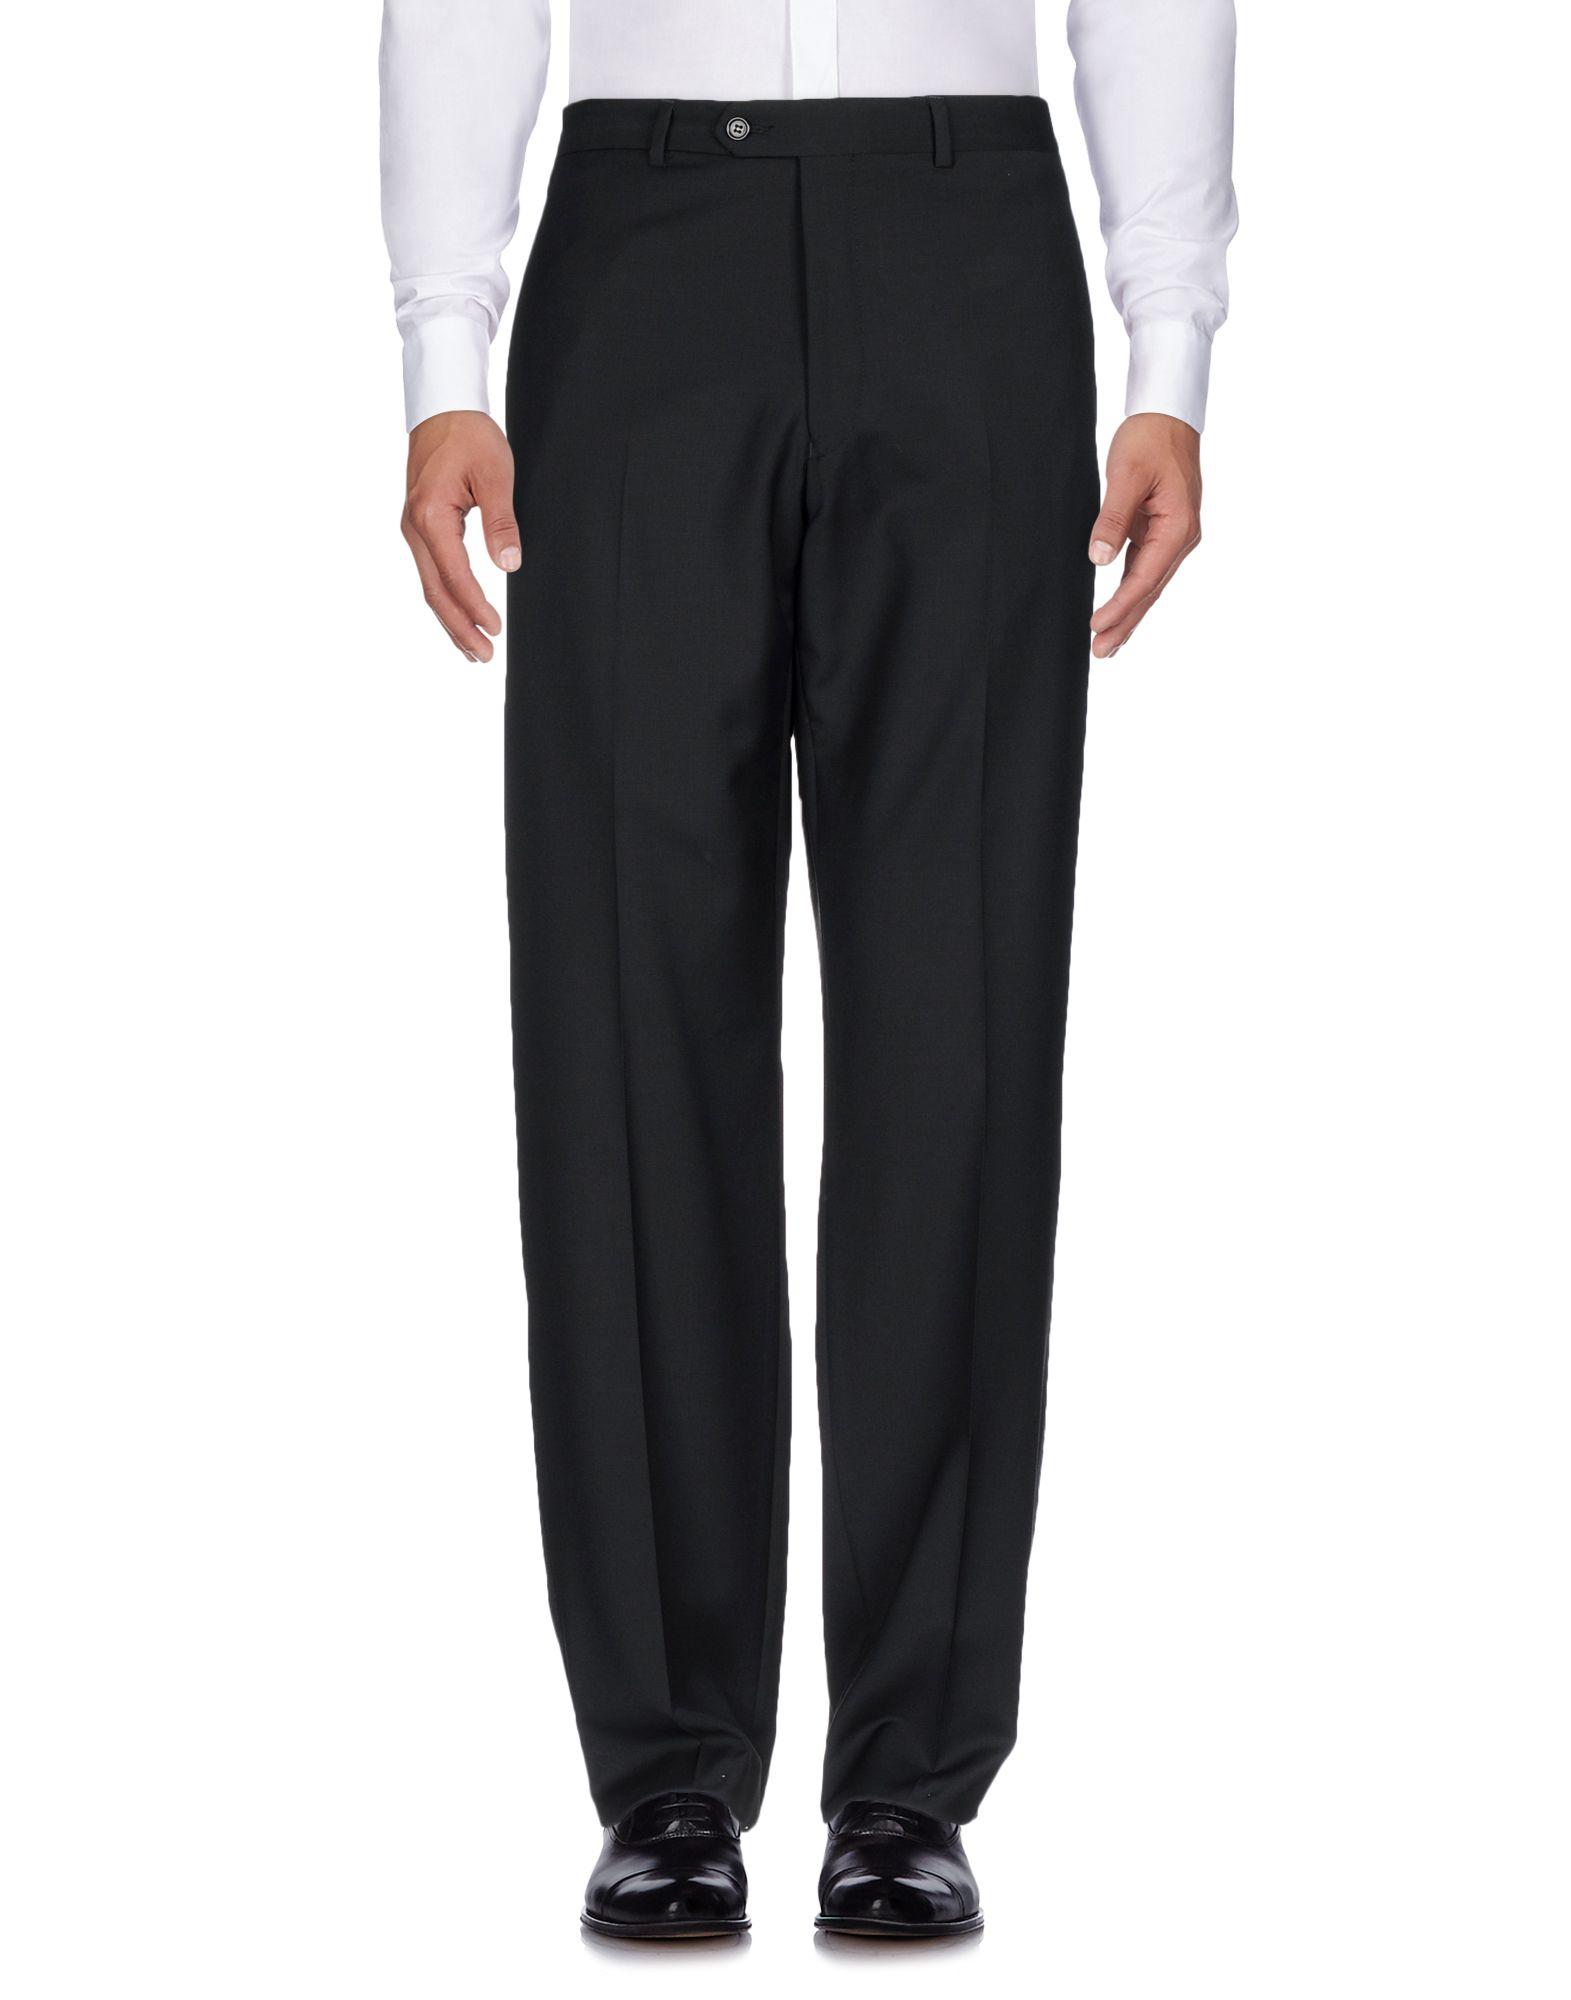 Pantalone Cantarelli Donna - Acquista online su